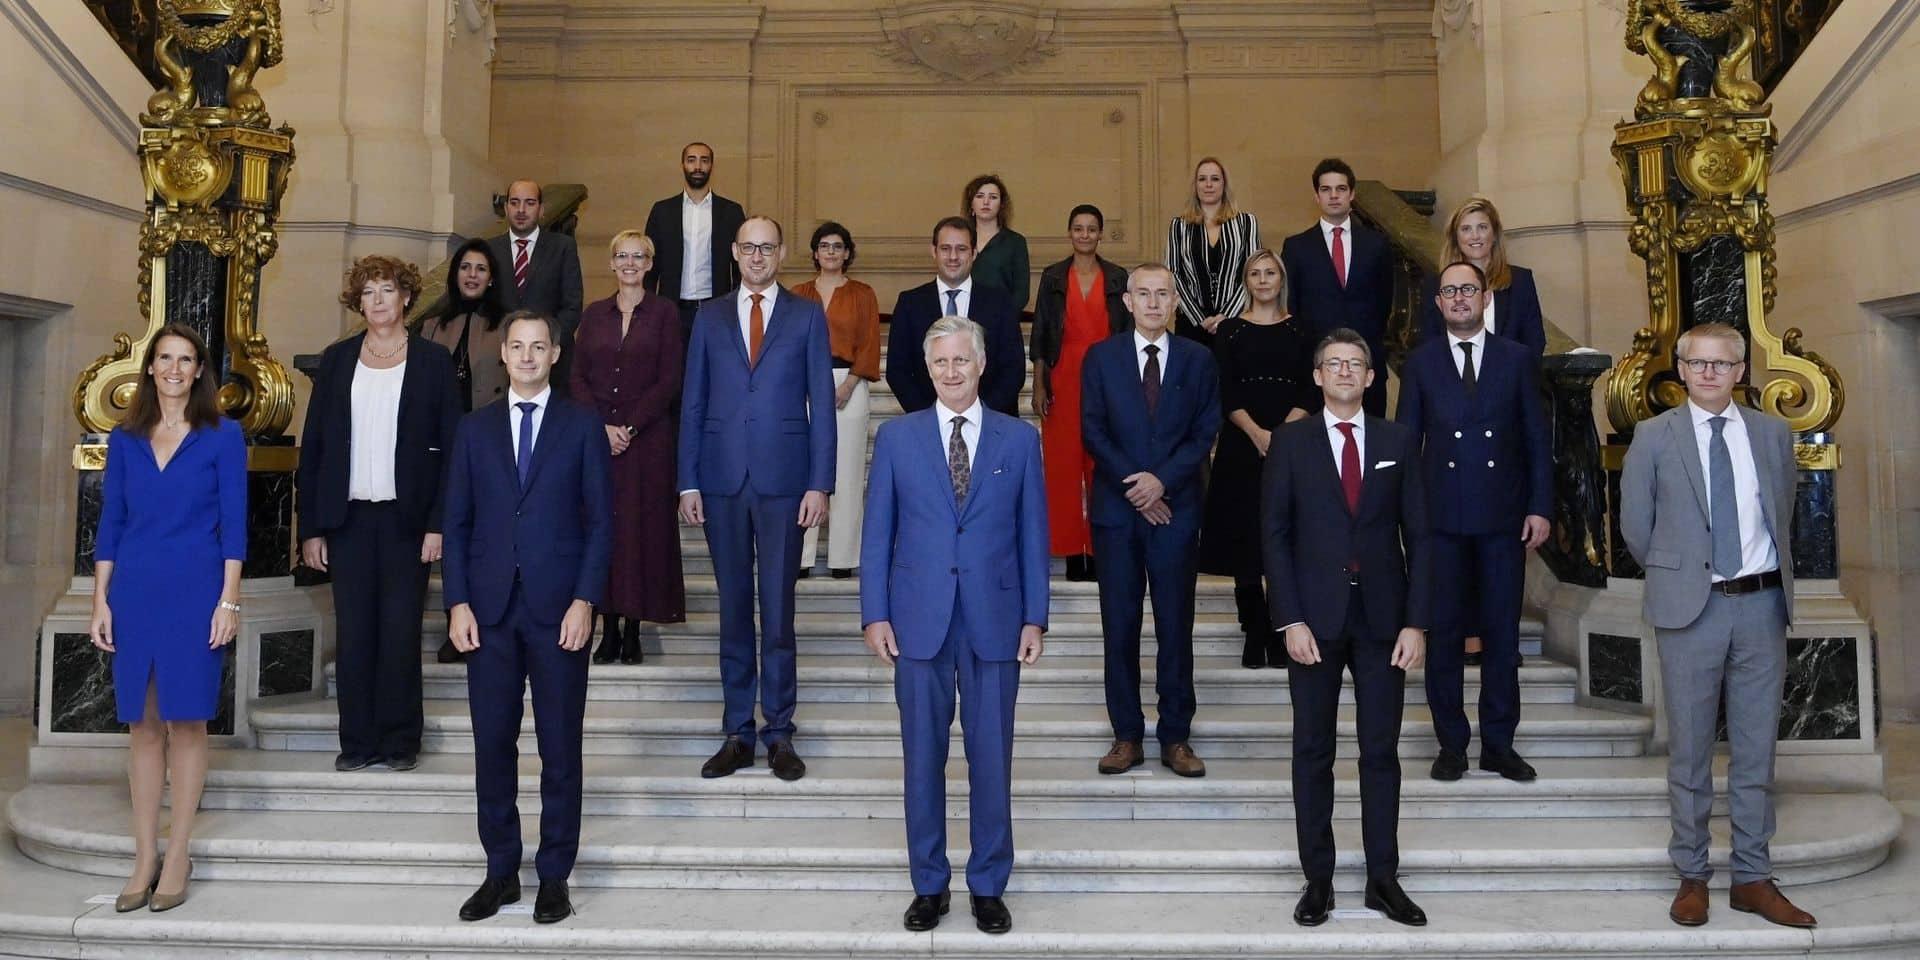 Qui Sont Les Vingt Ministres Et Secretaires D Etat Du Nouveau Gouvernement Federal Portraits La Libre